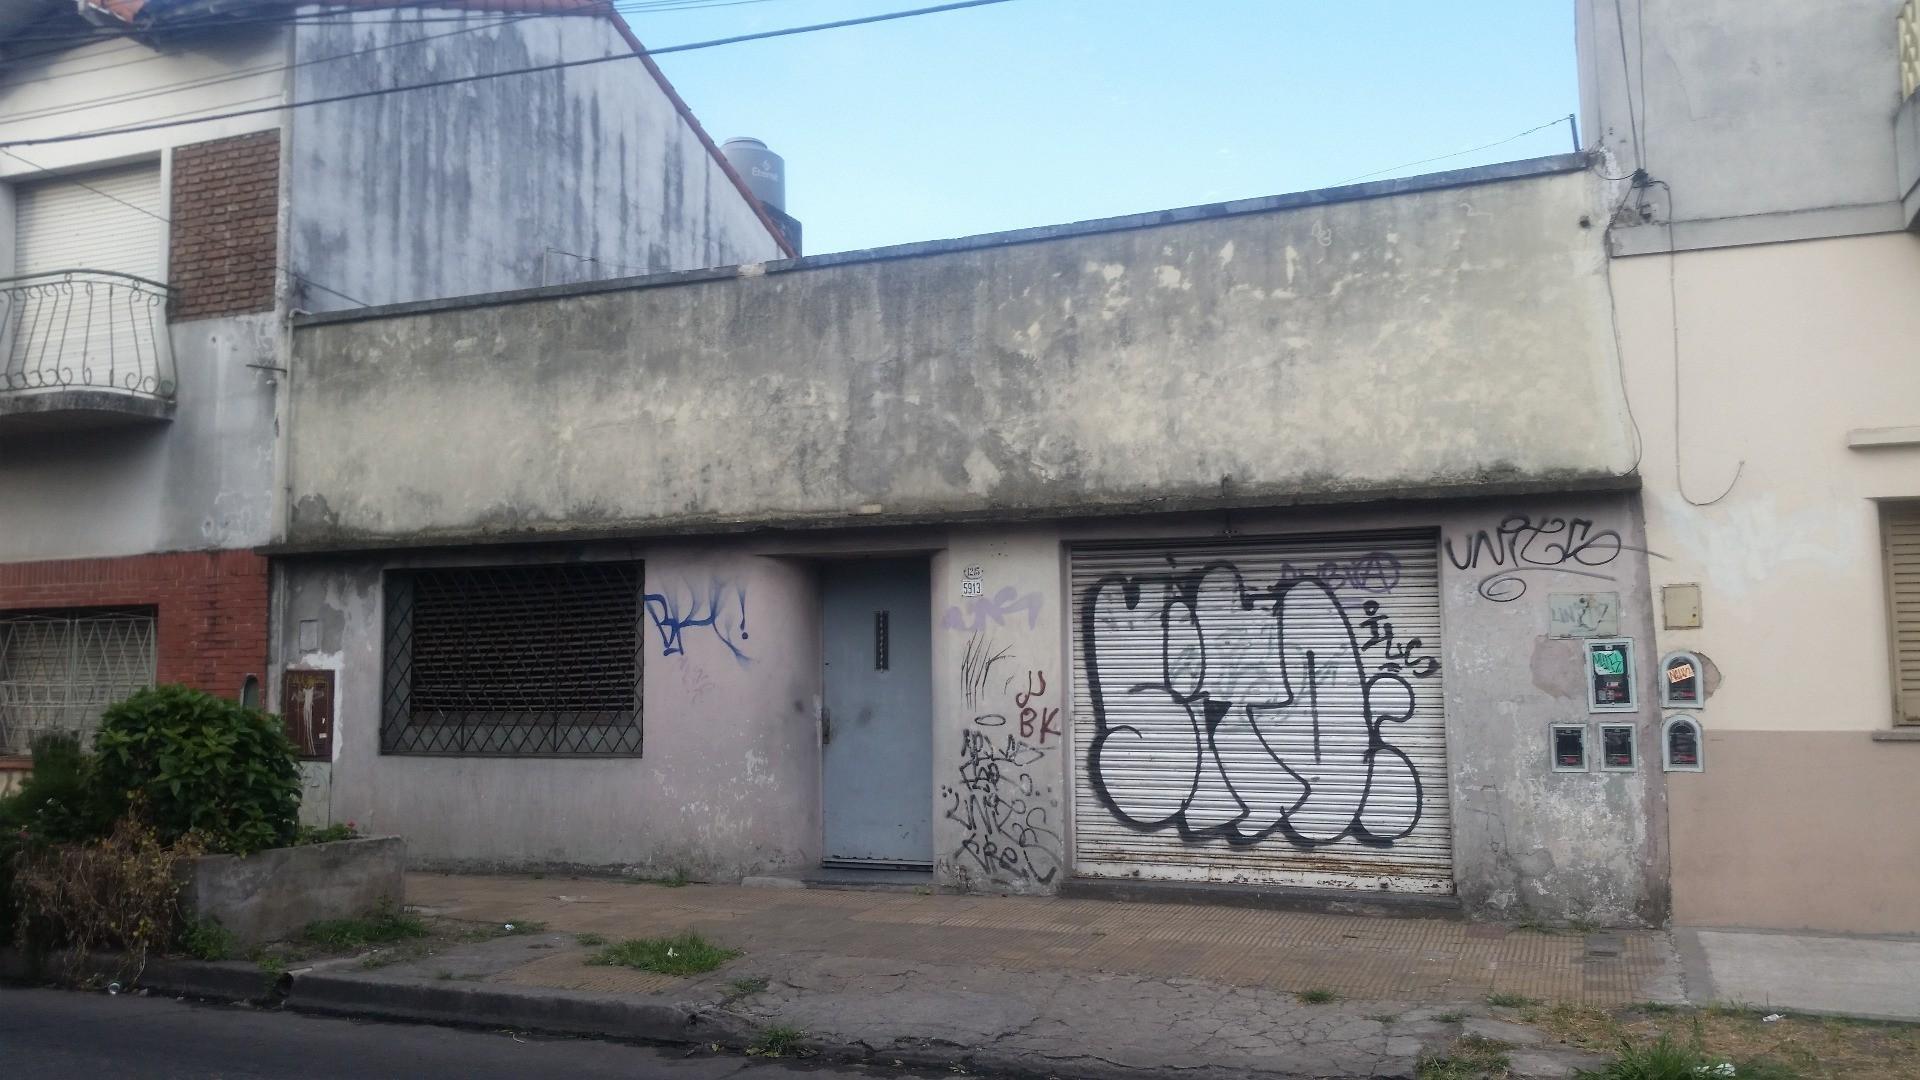 CASA LOTE PROPIO - TERRENO 10 M X 22,24 M